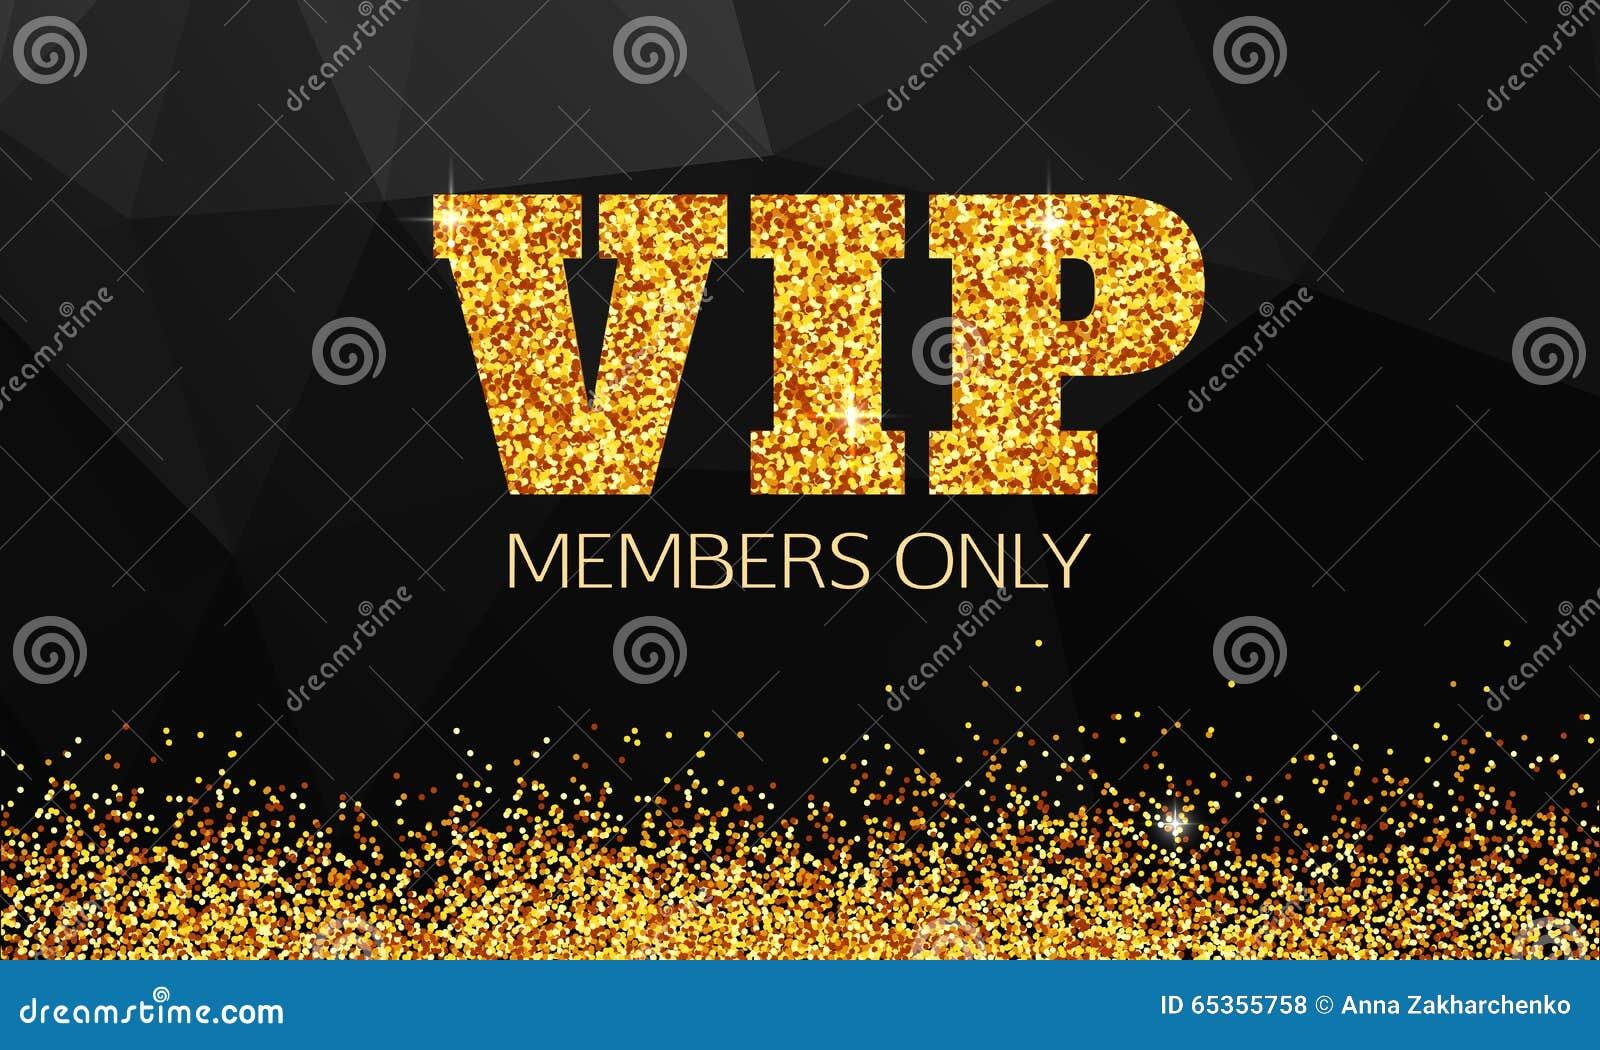 Złocisty VIP tło VIP klub Członkowie tylko VIP